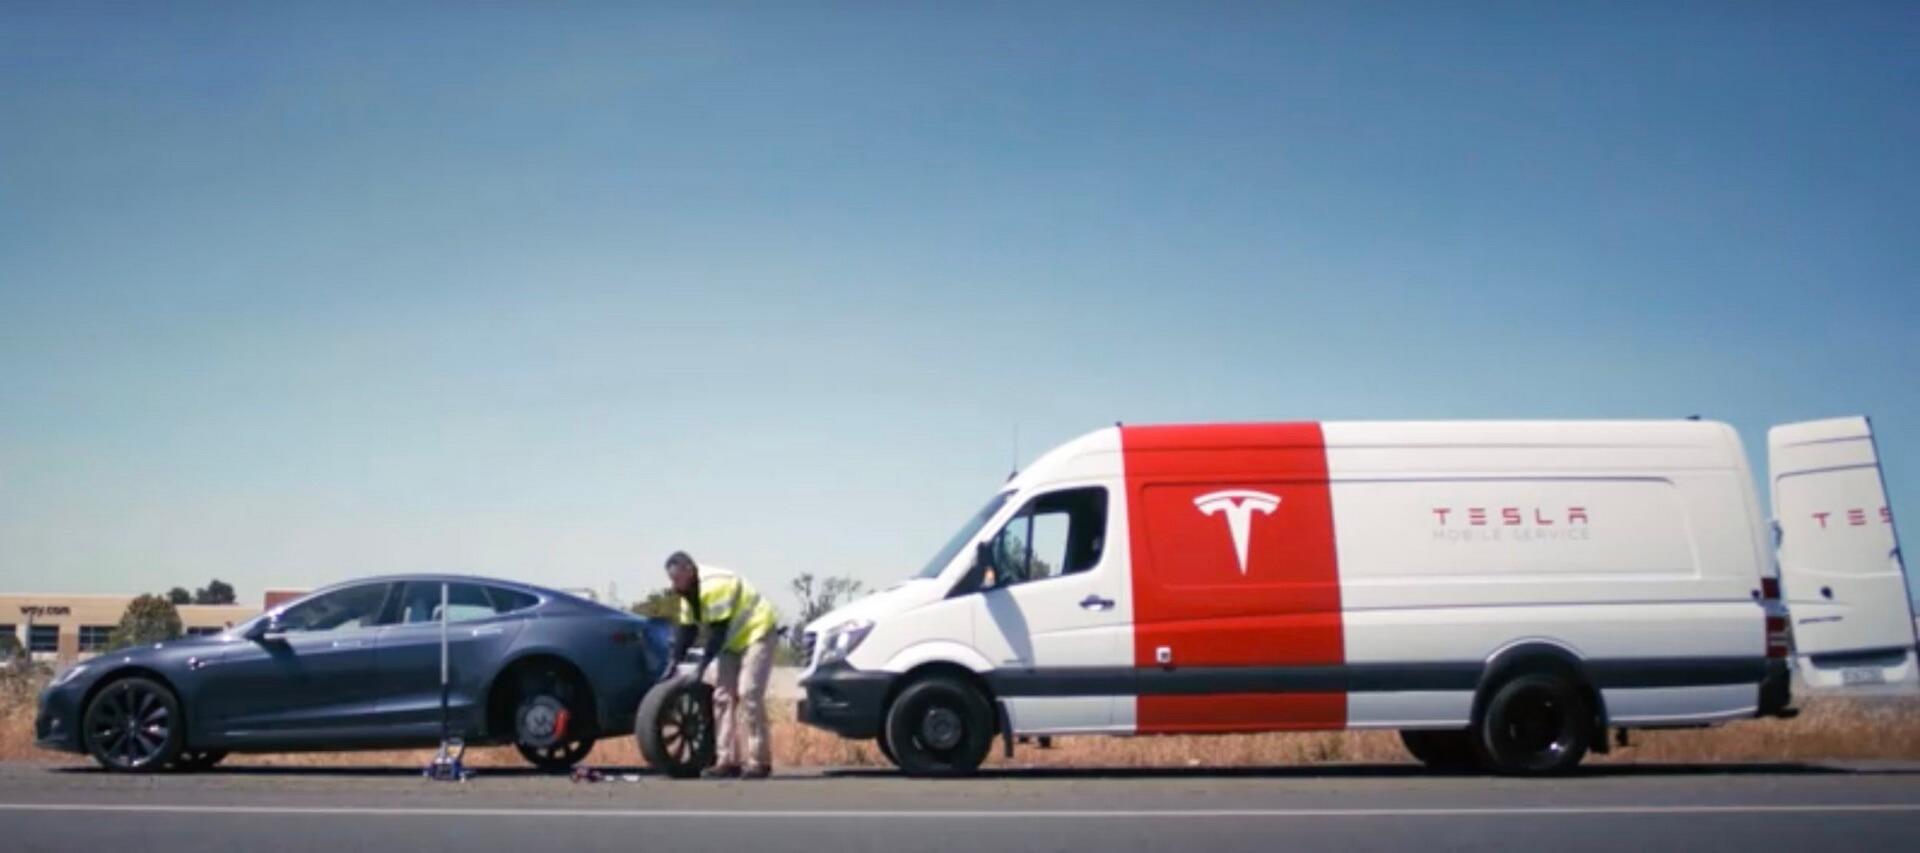 Мобильный сервис Tesla